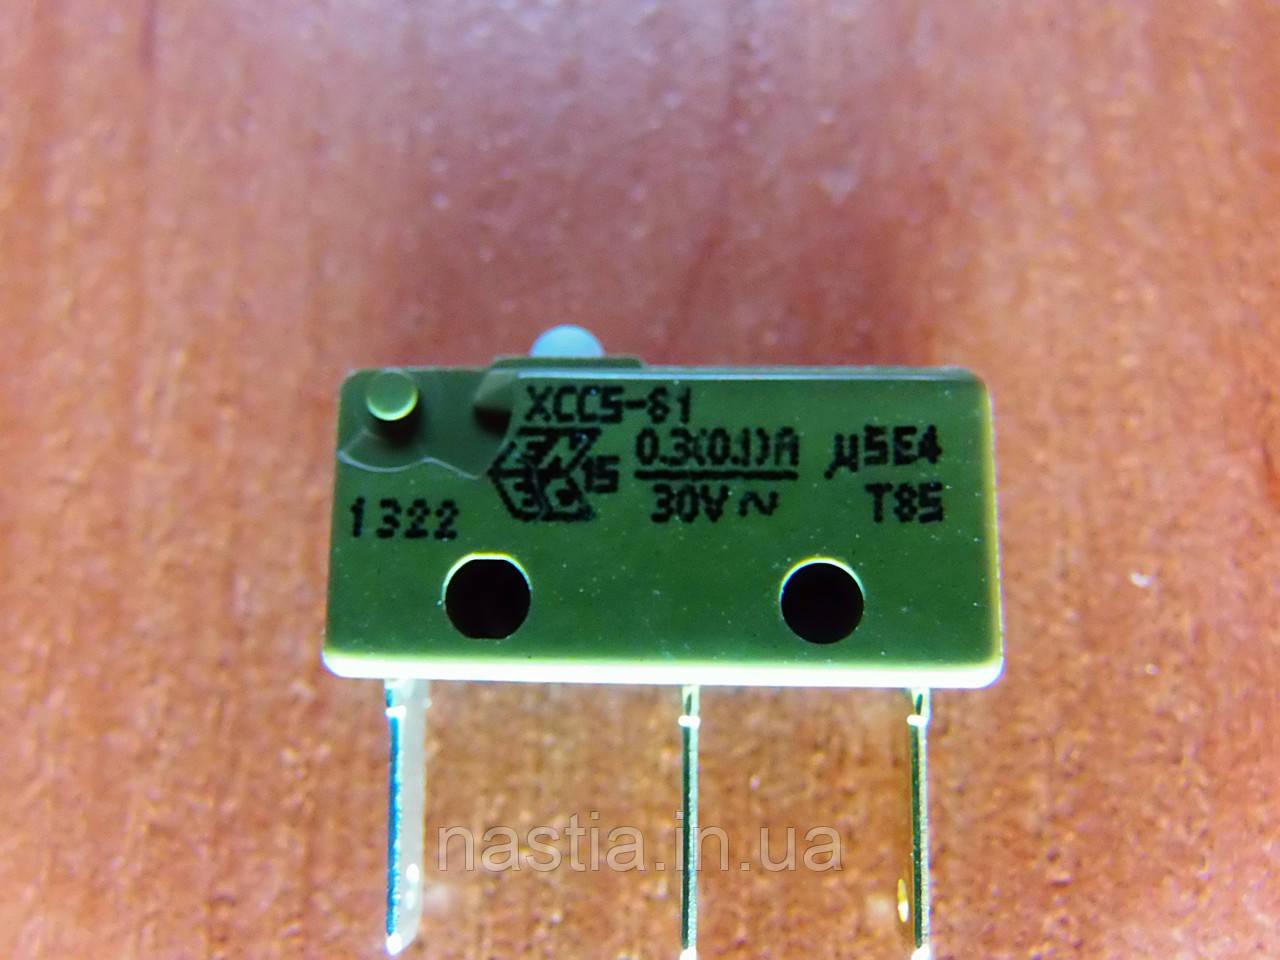 Мікроперемикач, XCC5-81 (дозатор)